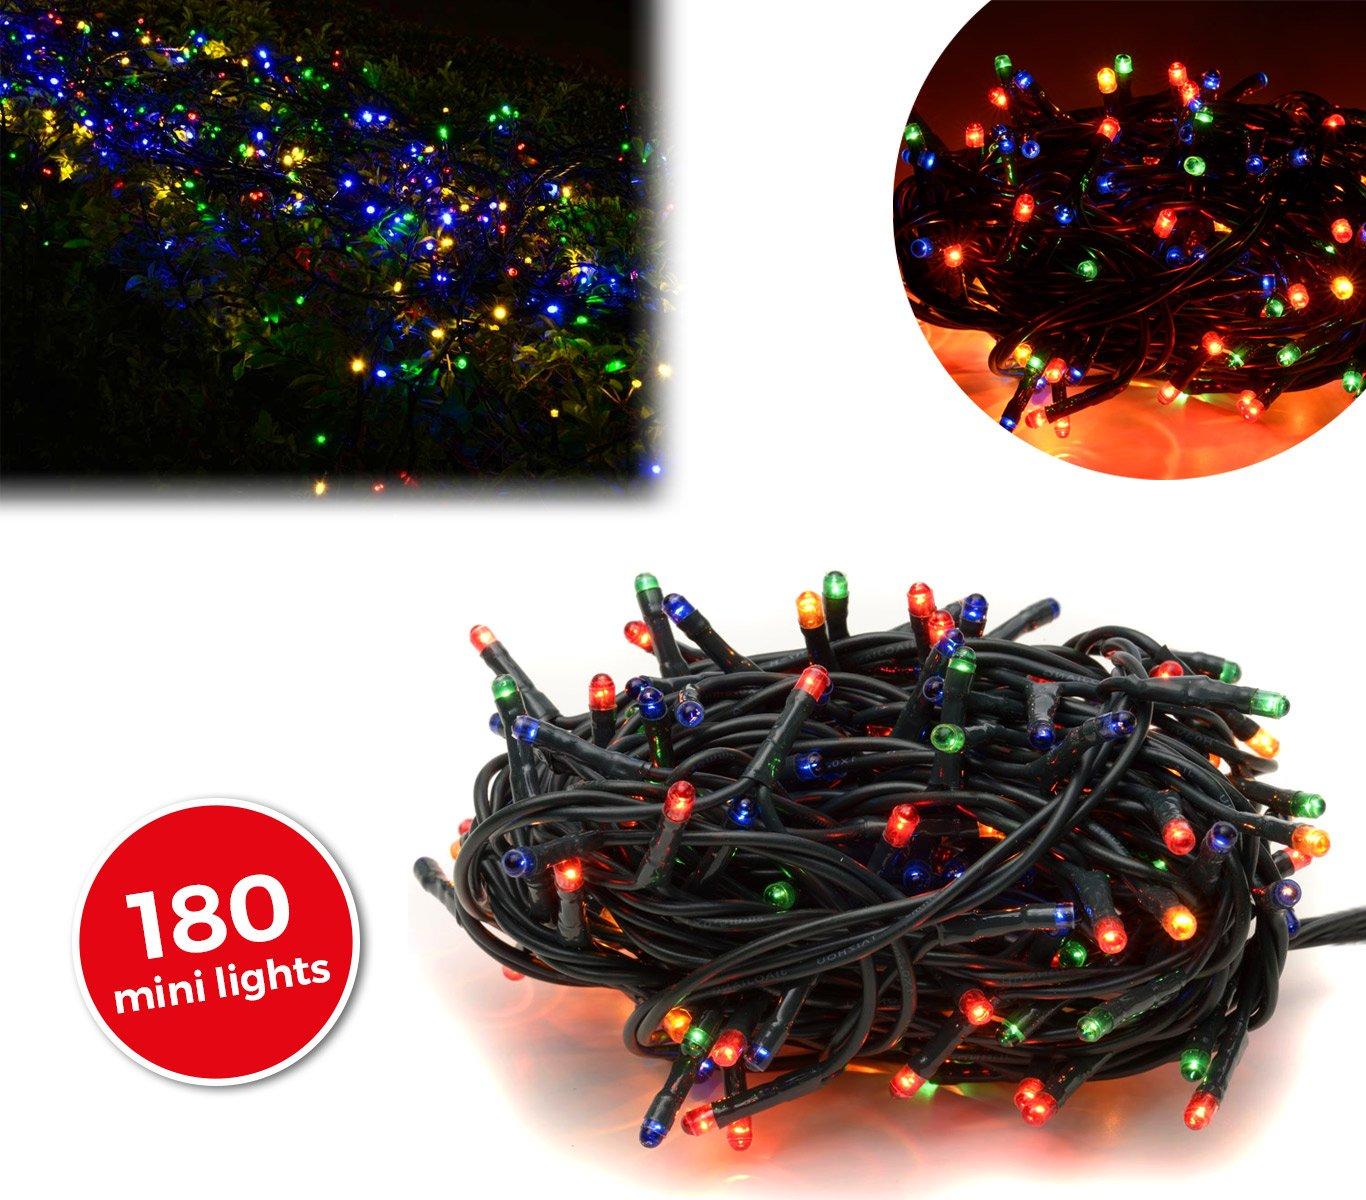 013492 Tira led de 180 guirnaldas efecto multicolor (cable verde) [Clase de eficiencia energética A+] MEDIA WAVE store ®